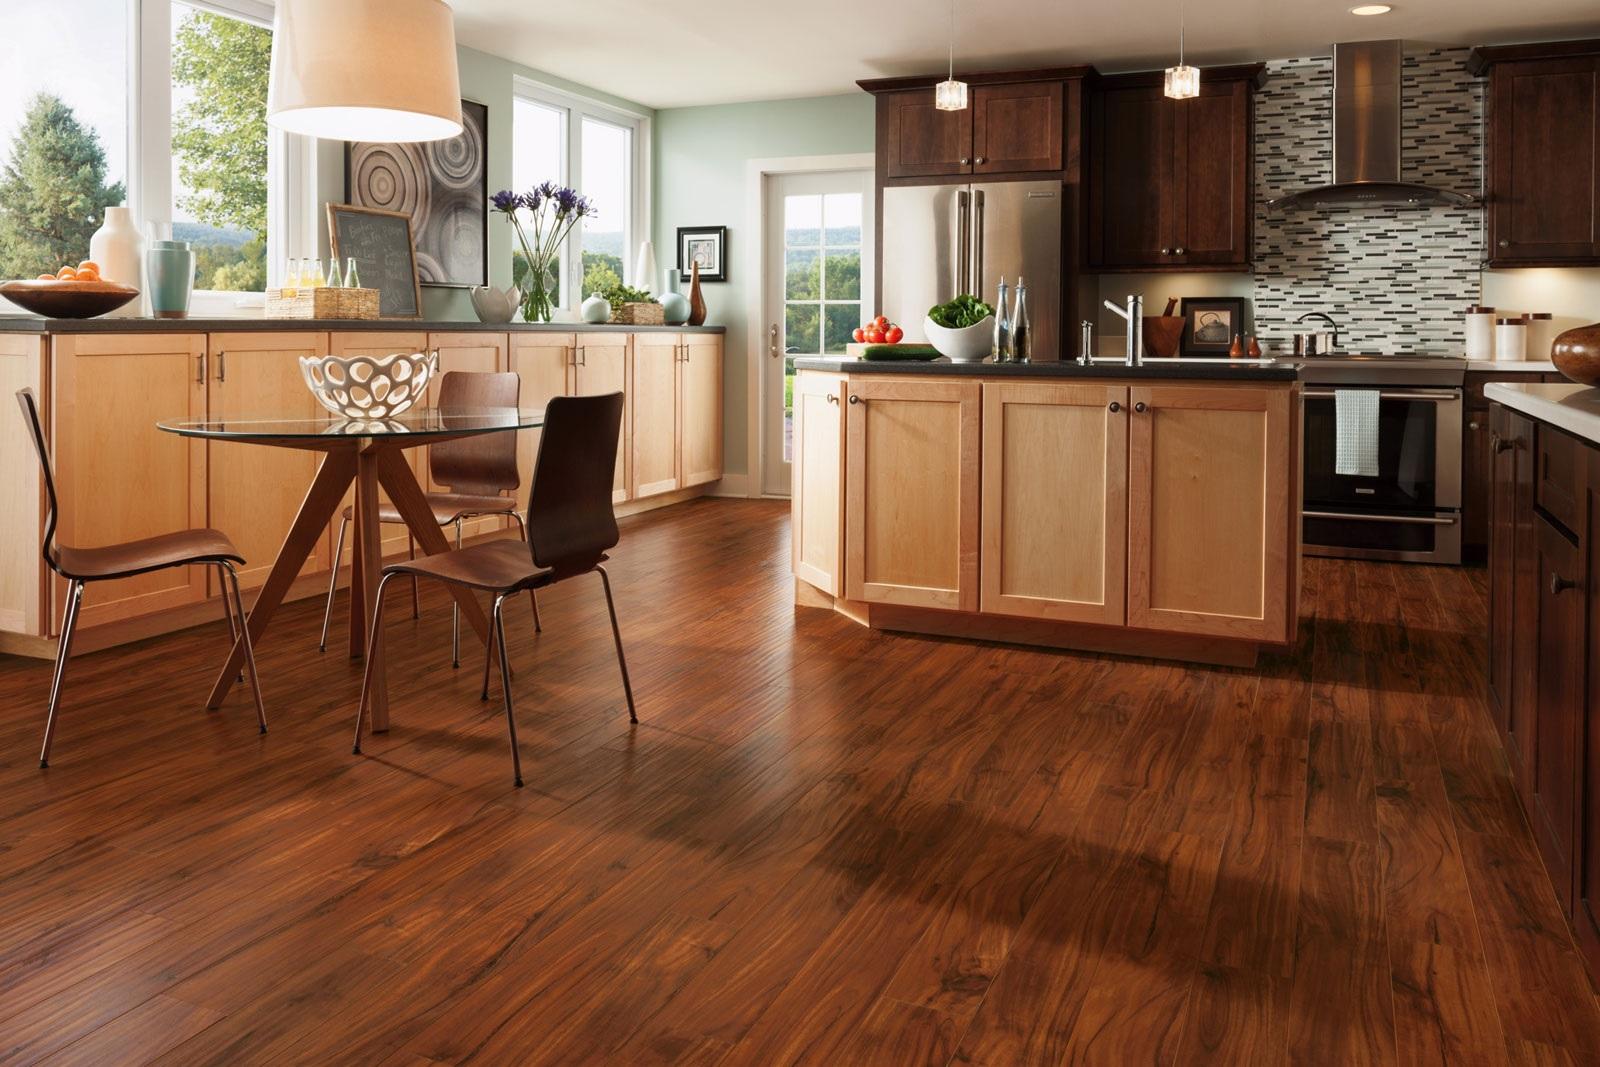 brown color kitchen floor image